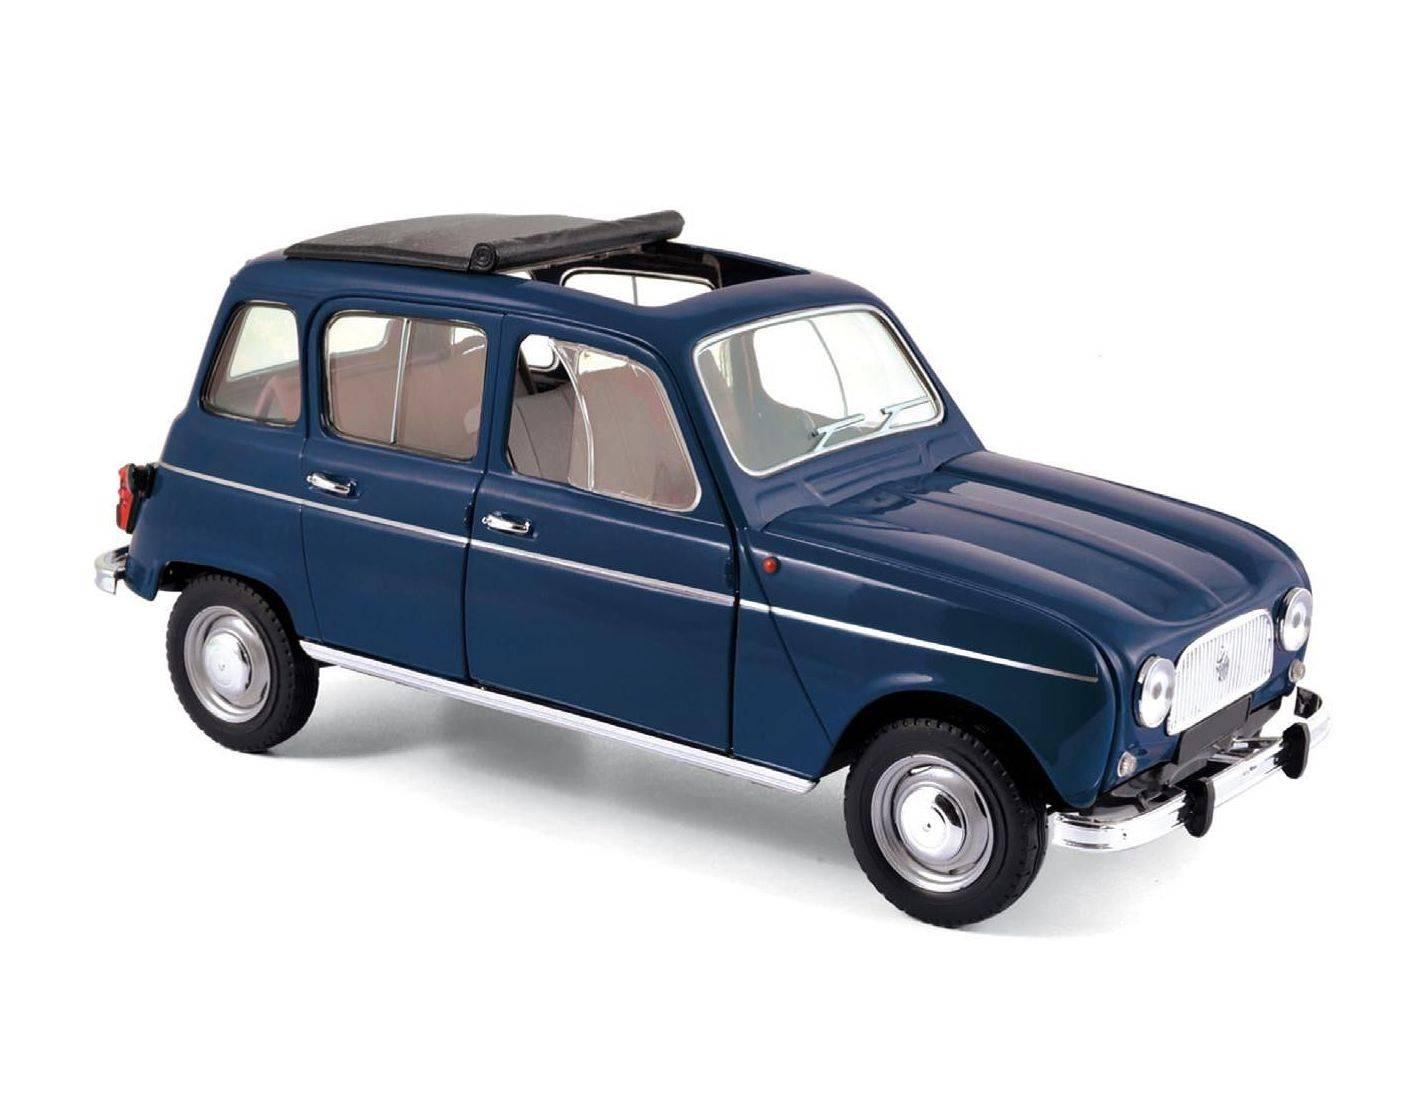 norev nv185241 renault 4 1965 copenhague blue 1 18 modellino. Black Bedroom Furniture Sets. Home Design Ideas